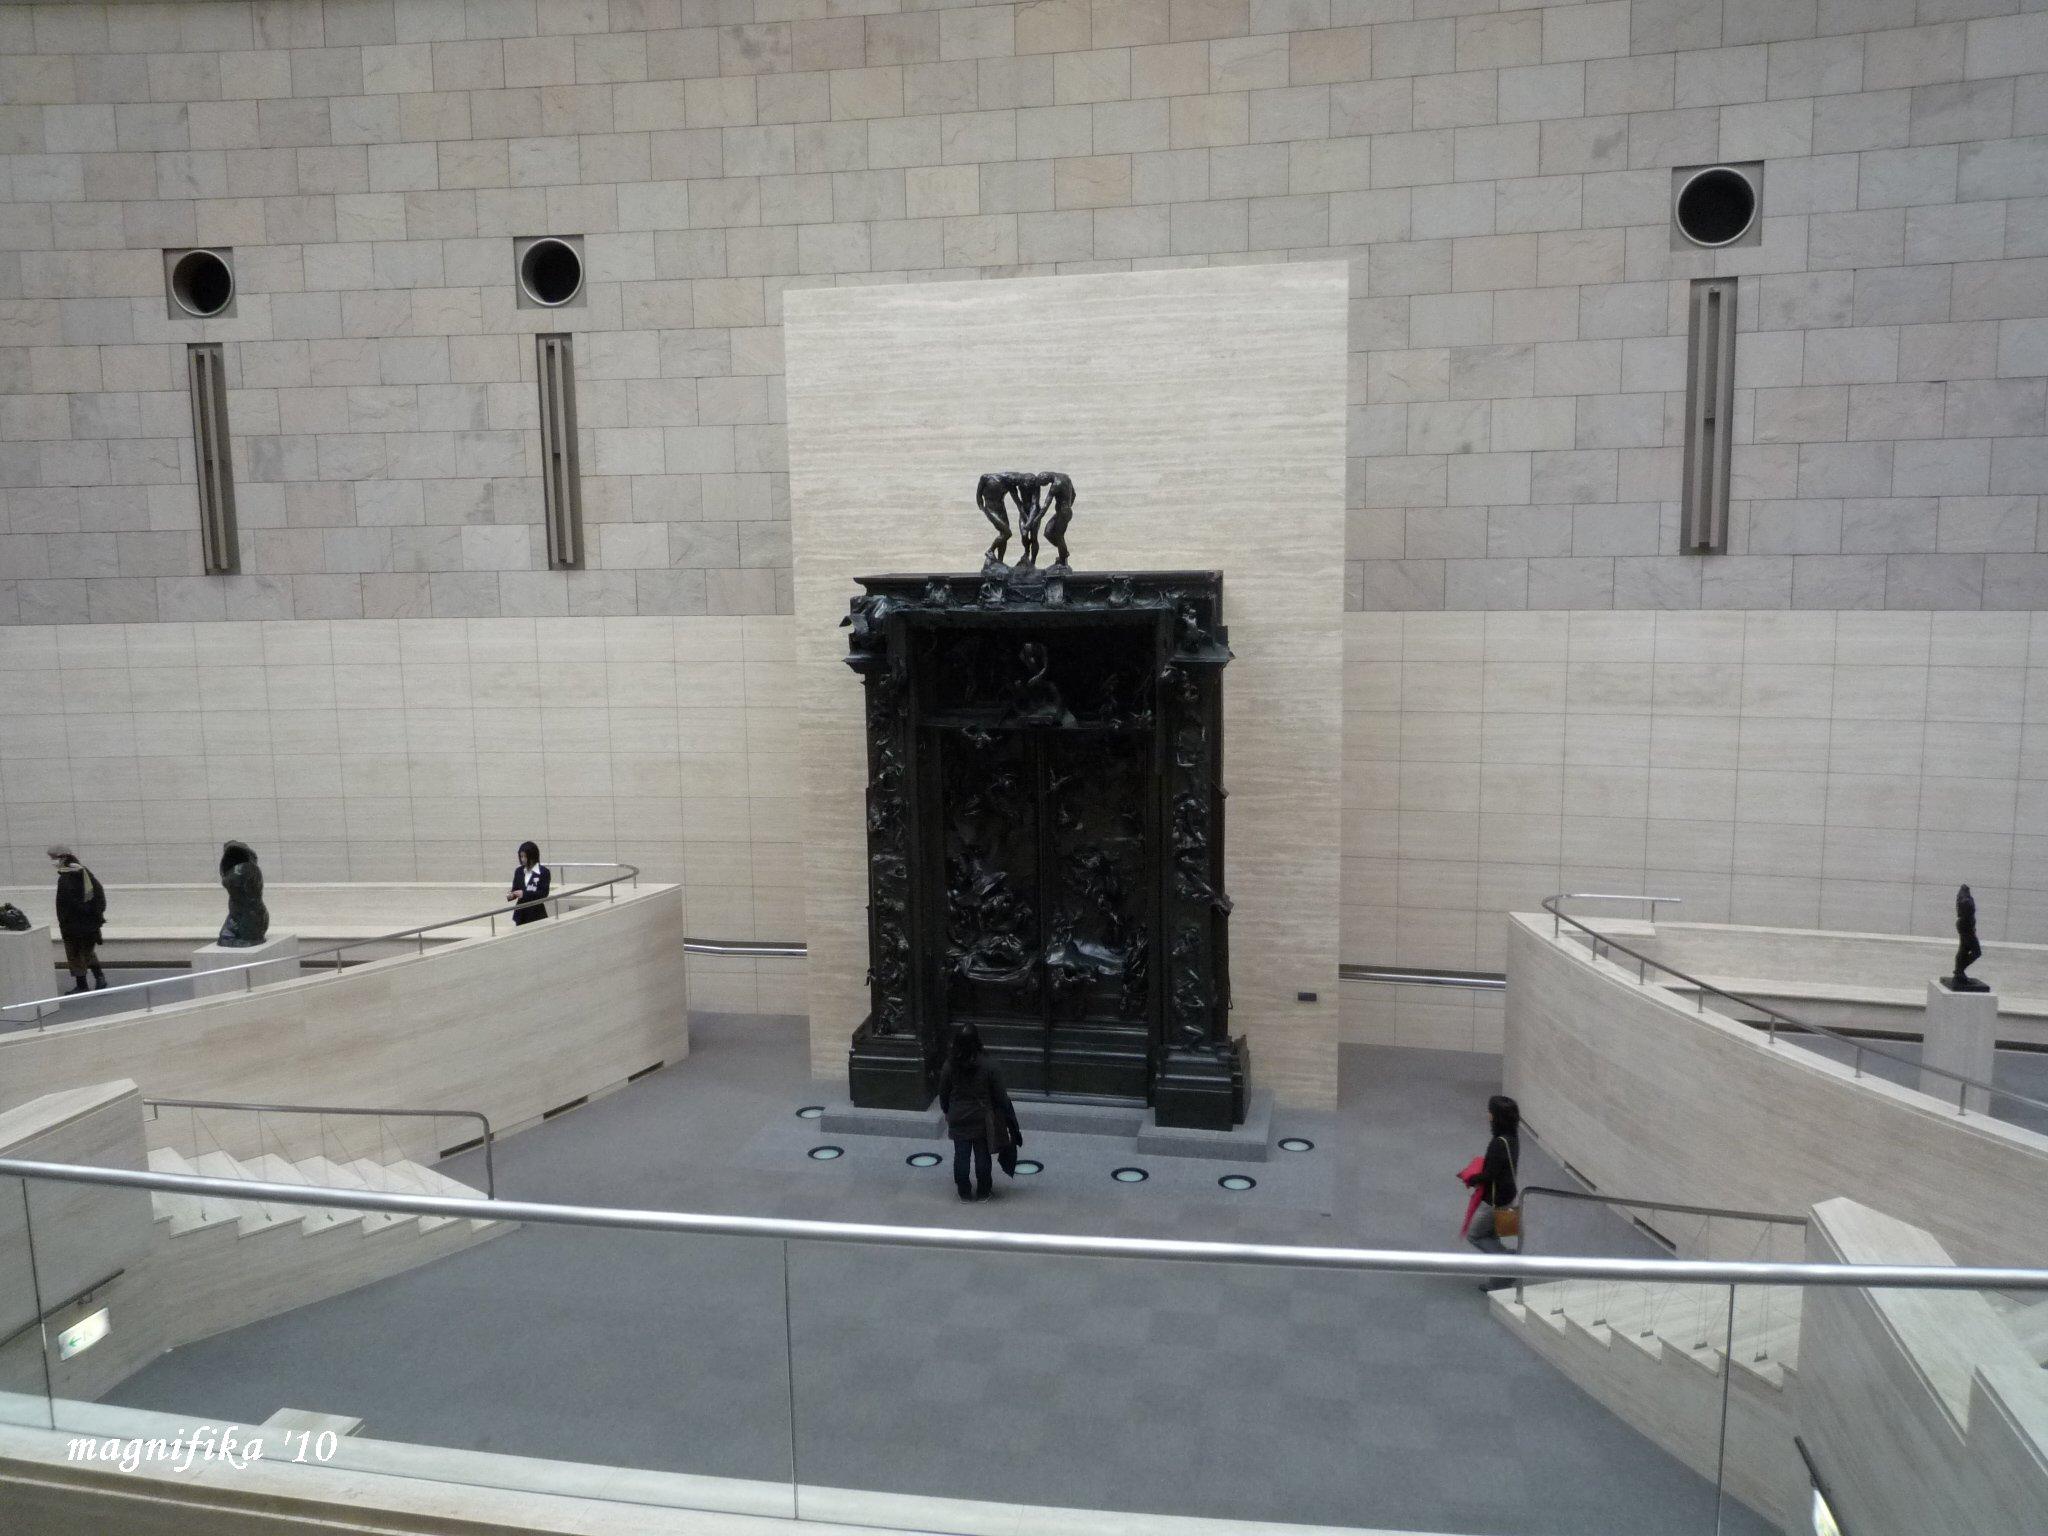 静岡県立美術館 ロダン館-2 Rodin Wing of Shizuoka Pref. Museum _e0140365_21445960.jpg